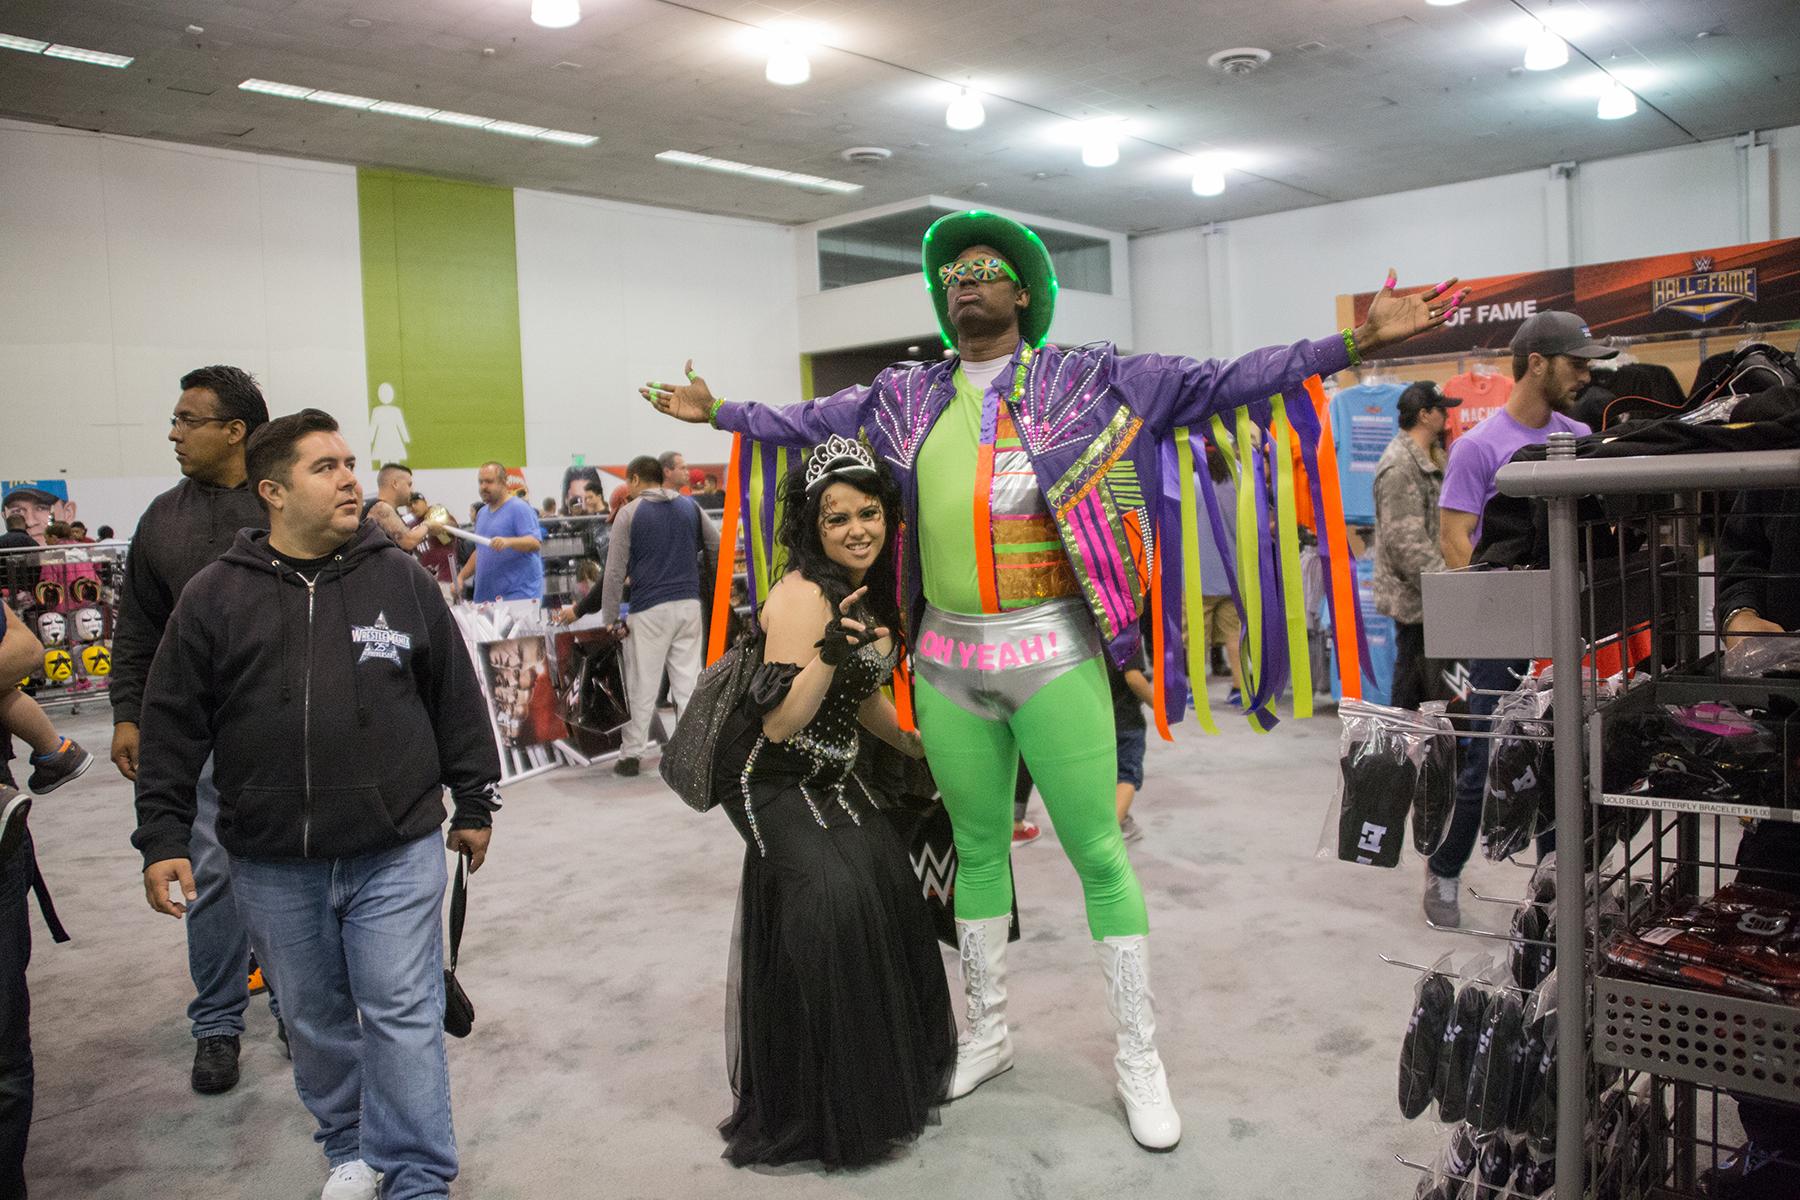 macho man and elizabeth cosplay